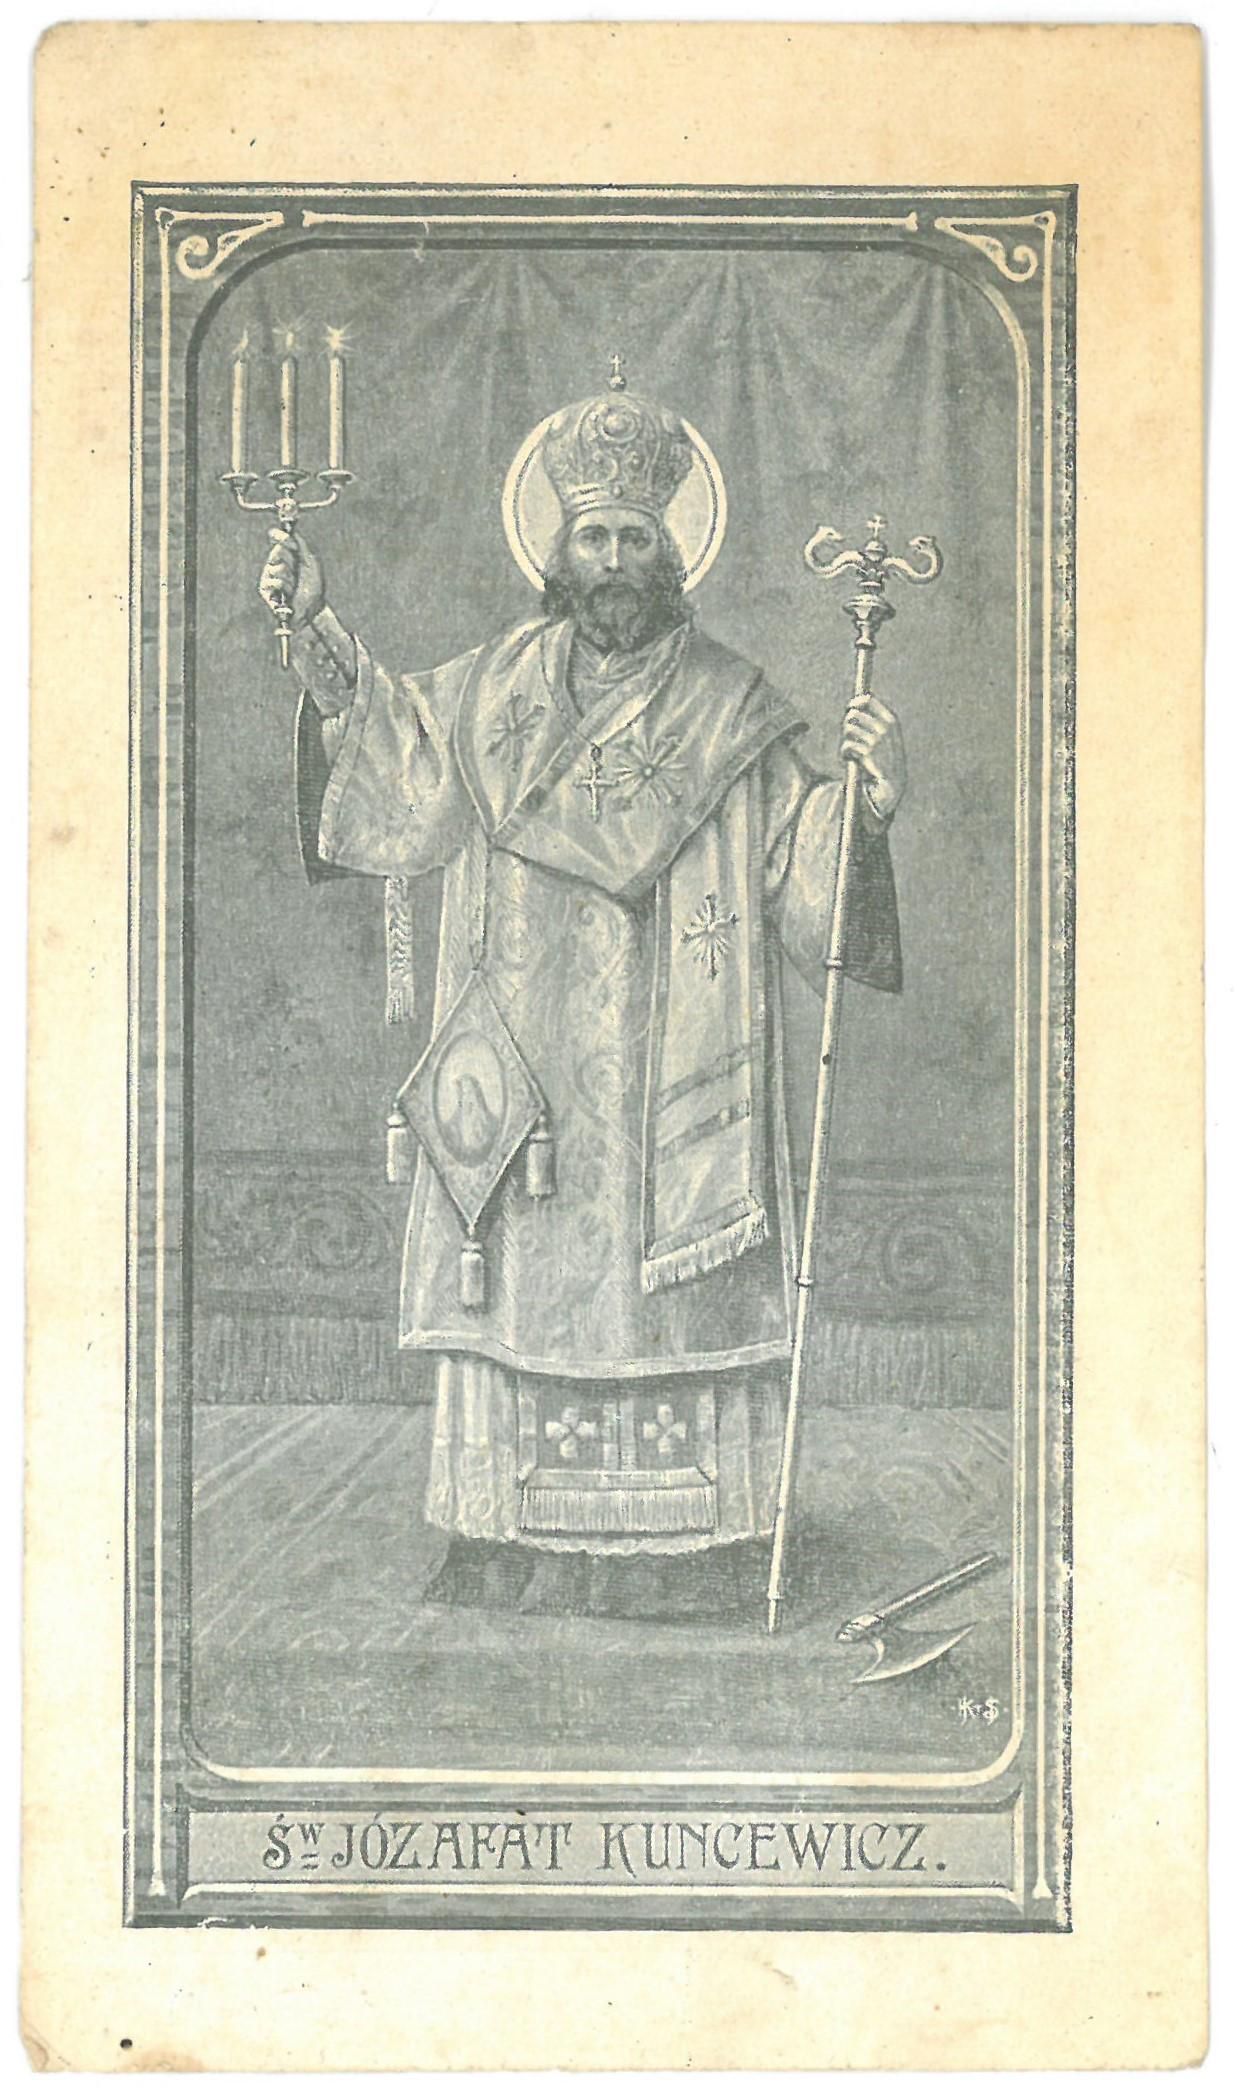 """Religinis paveikslėlis. """"Sw. Jozafat Kuncewicz"""". Kitoje paveikslėlio pusėje – malda lenkų kalba"""